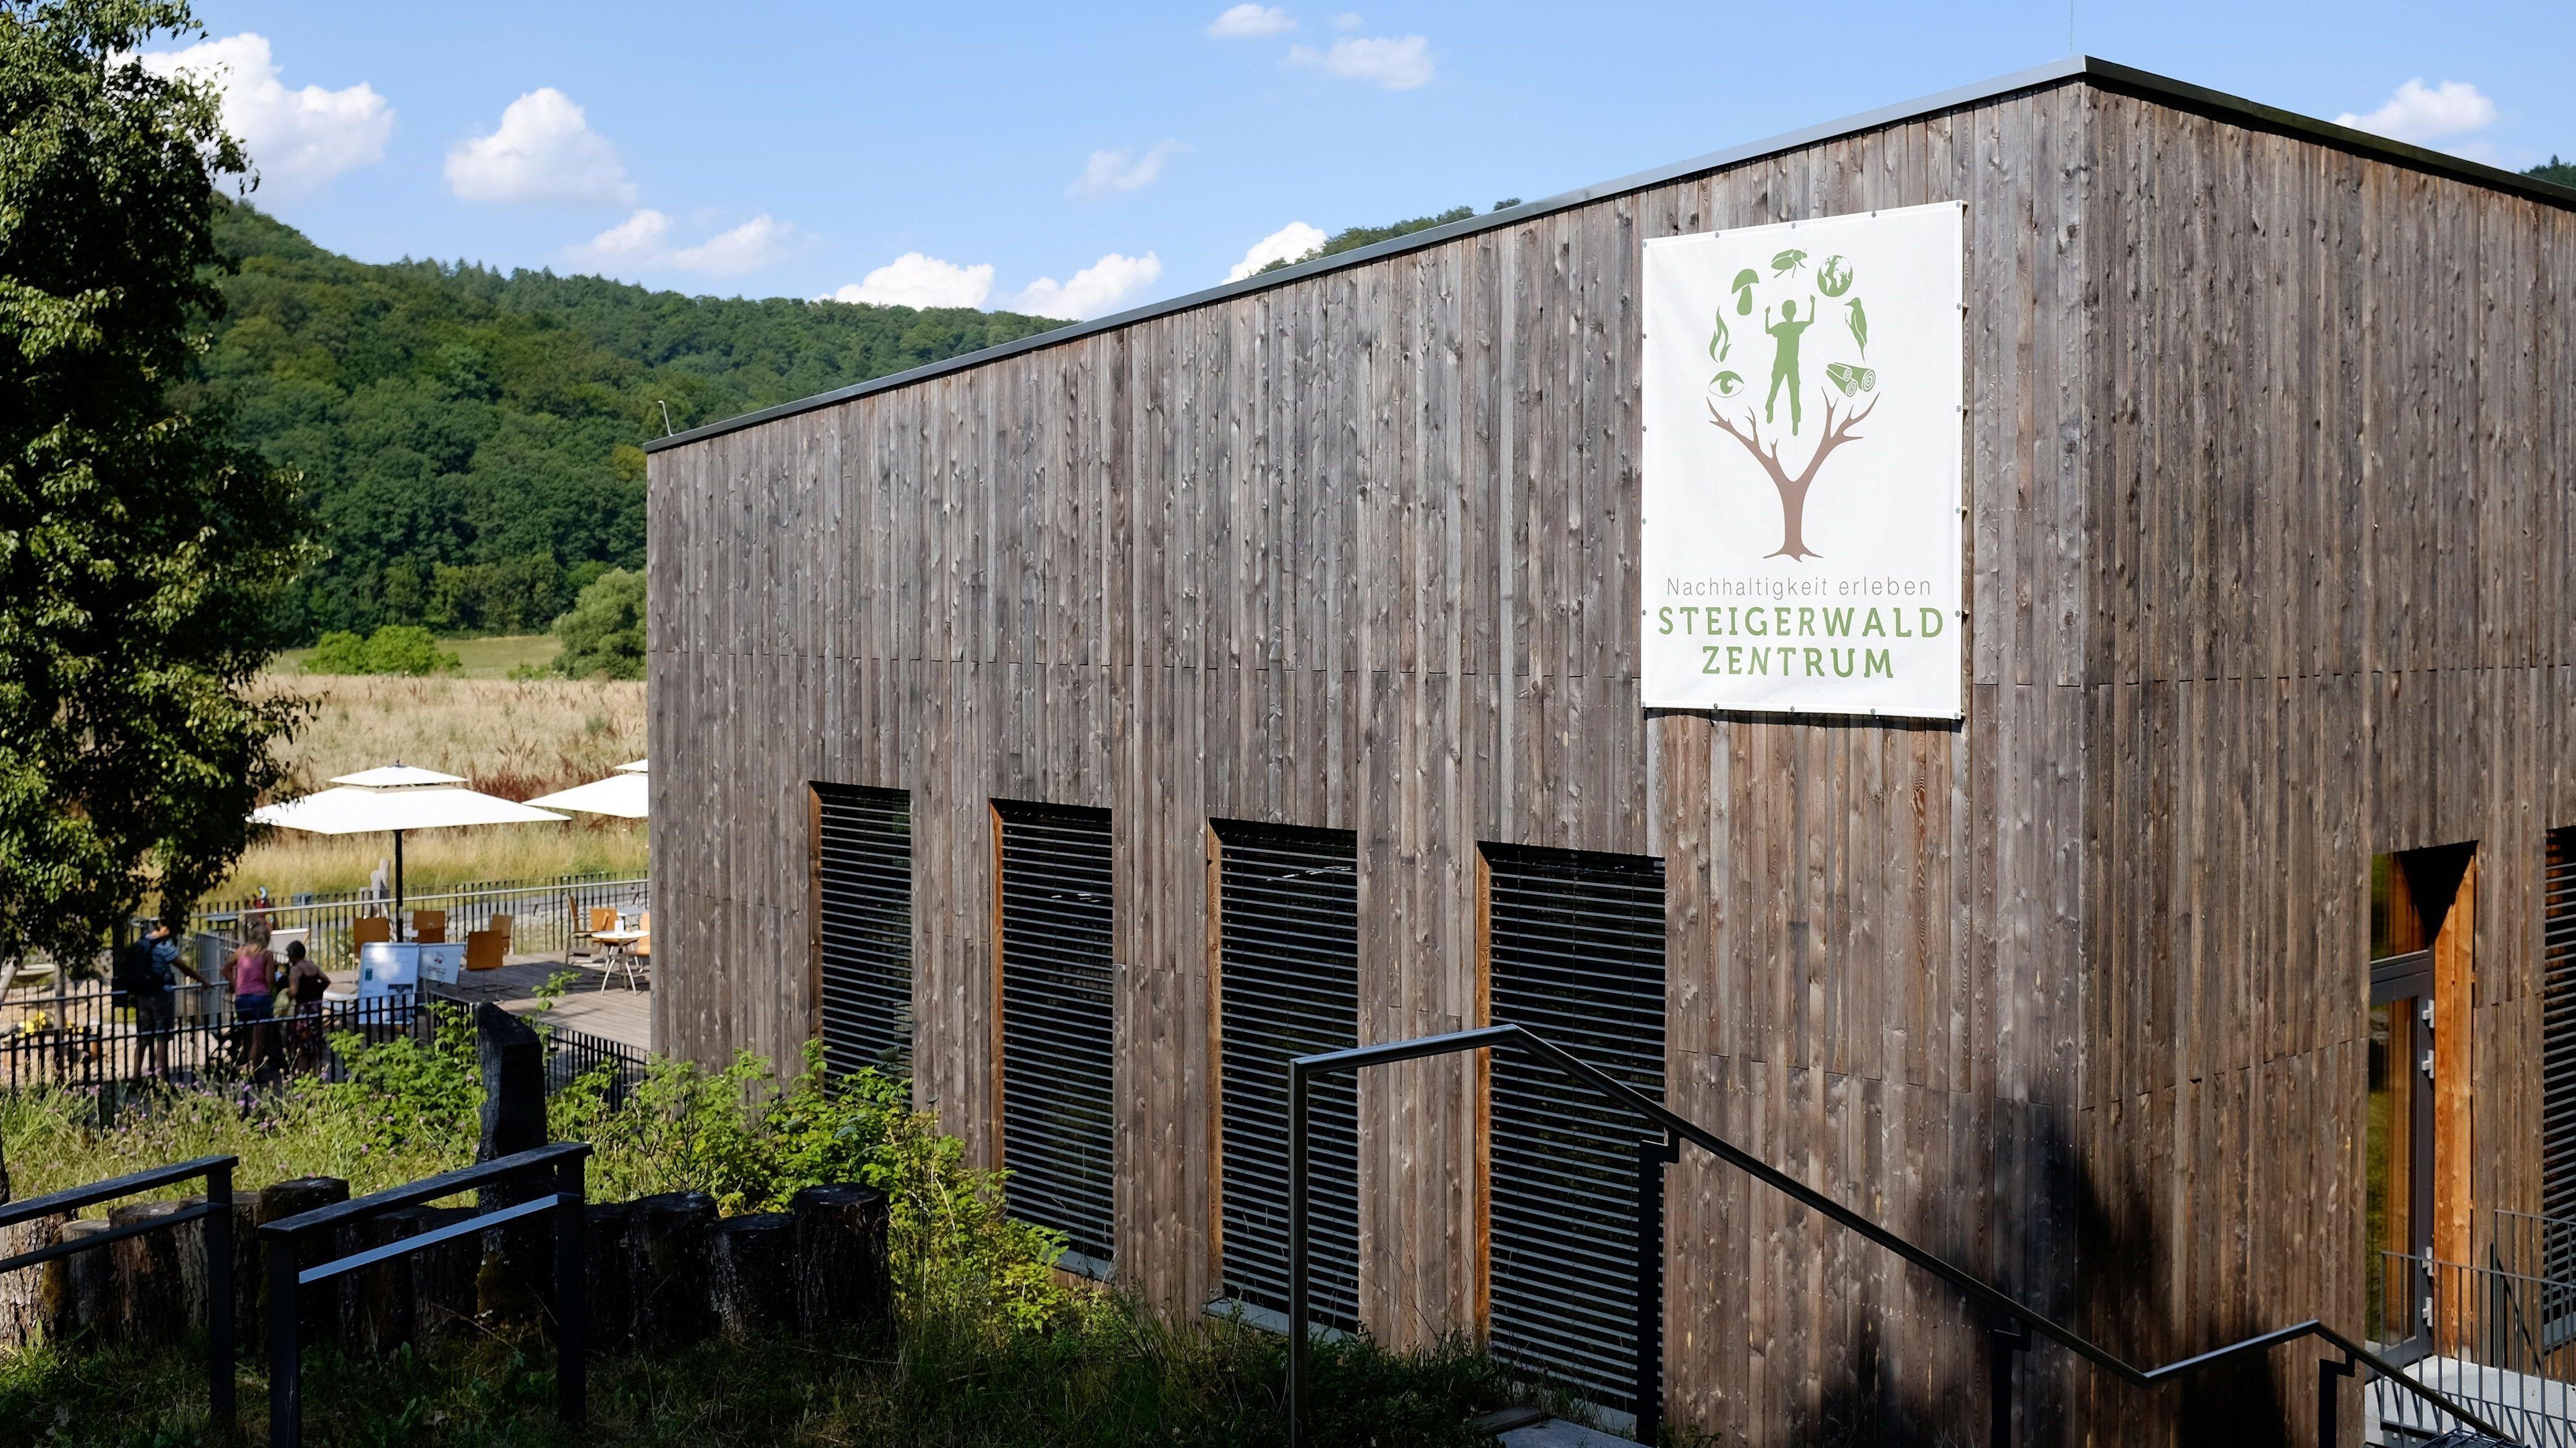 Steigerwald-Zentrum in Handthal feiert fünfjähriges Bestehen